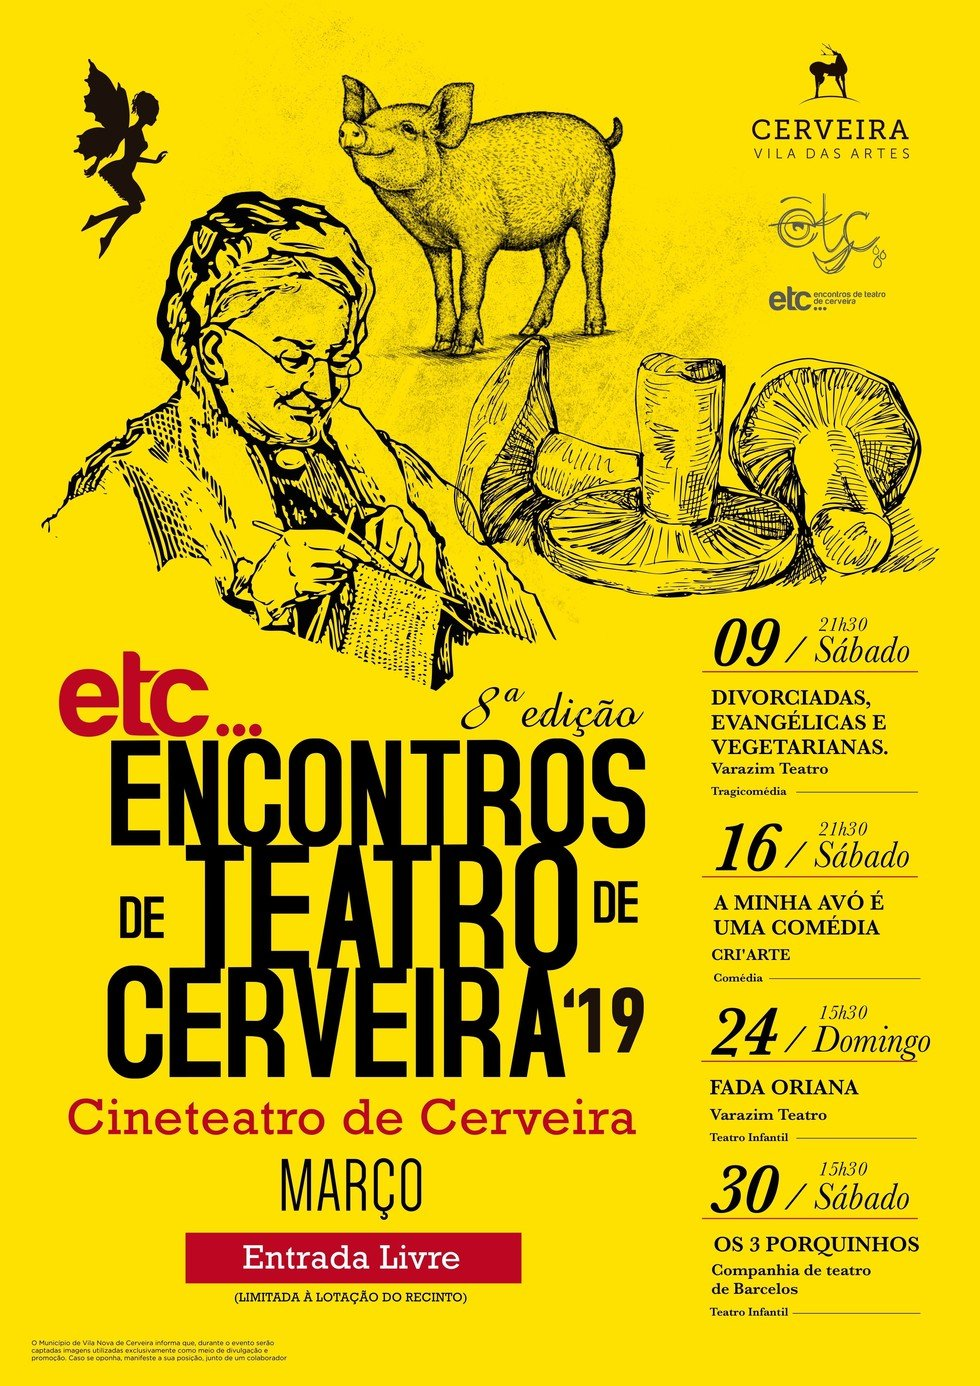 'ETC...Encontros de Teatro de Cerveira